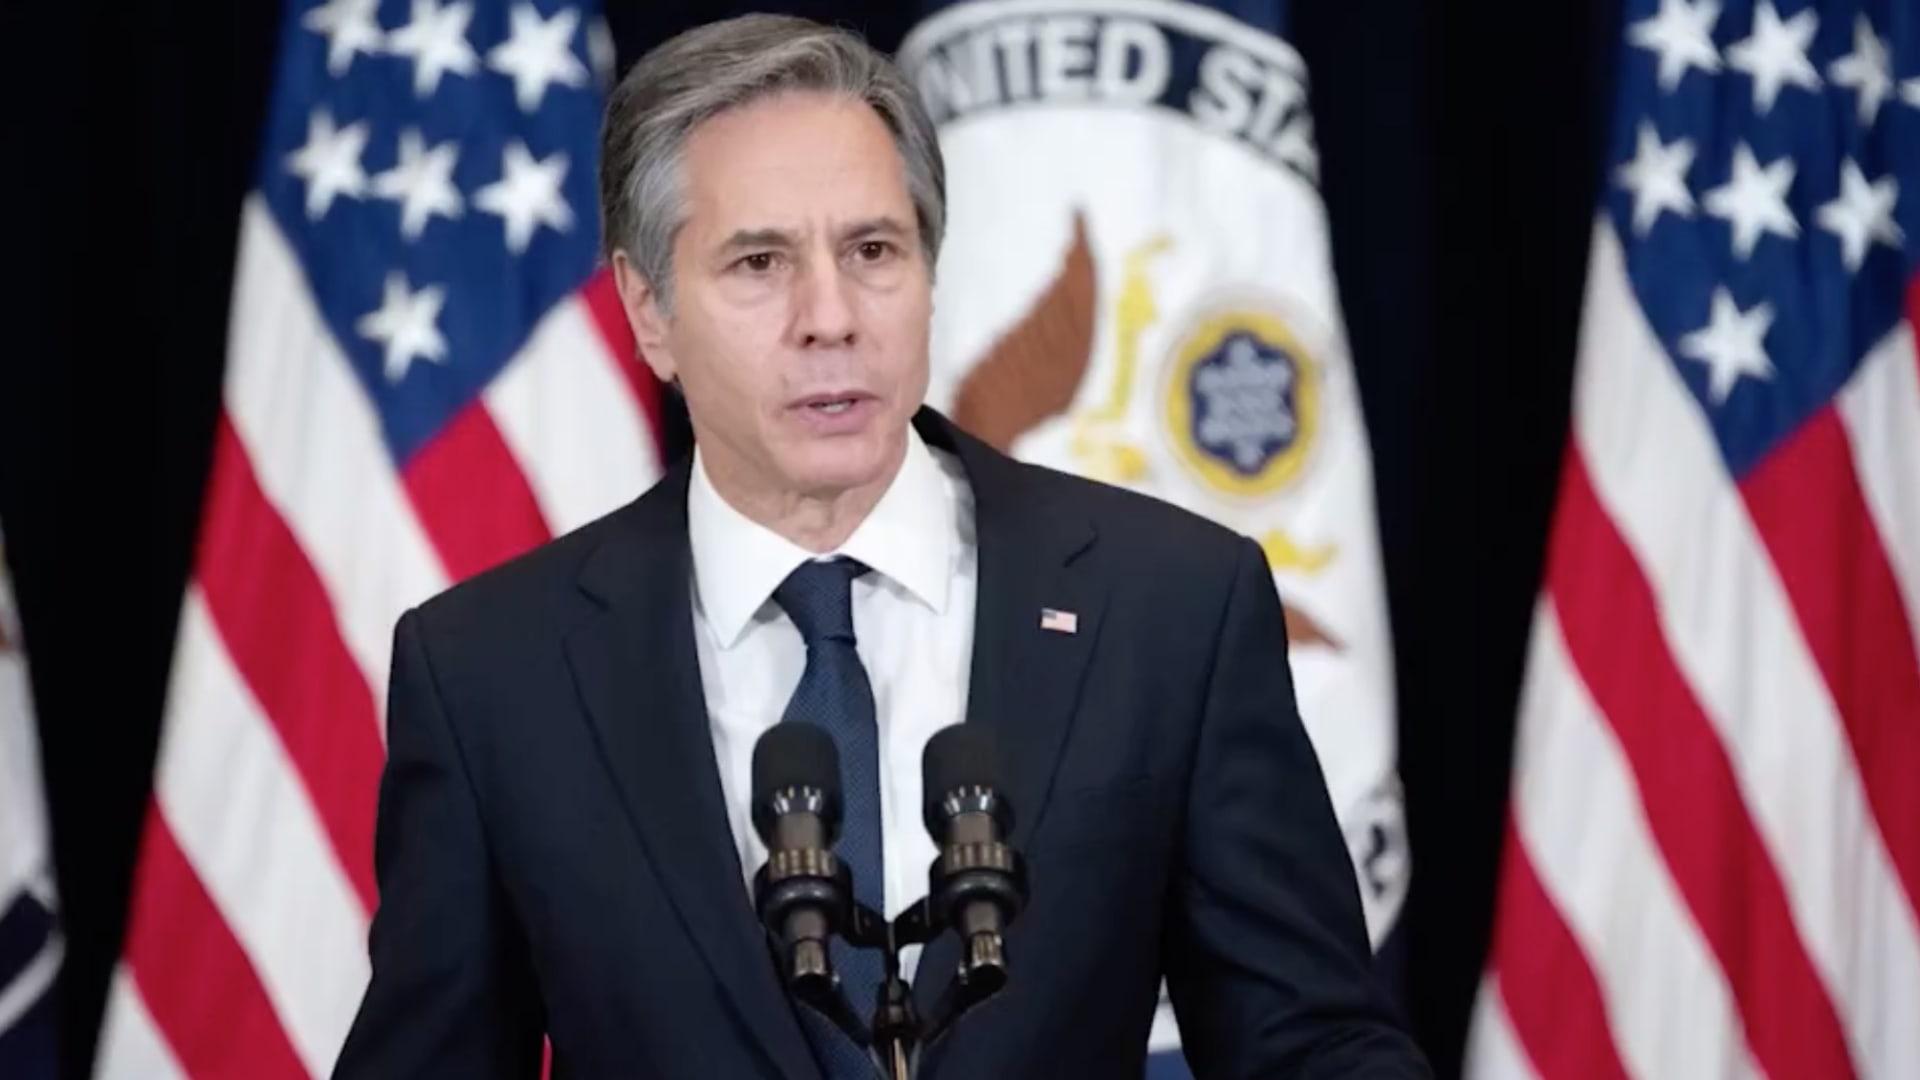 الصين تهاجم أمريكا بأول مكالمة مع وزير الخارجية الجديد بلينكن.. إليك التفاصيل